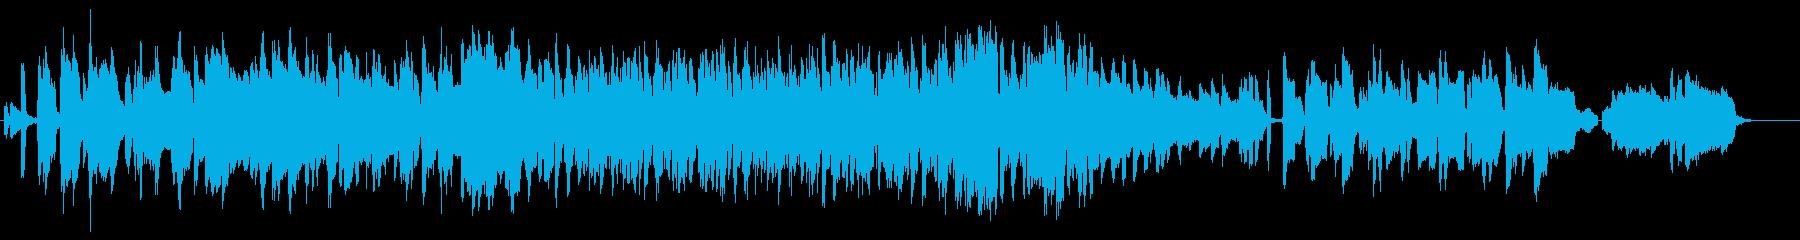 夜をイメージしたテューバとピアノの楽曲の再生済みの波形